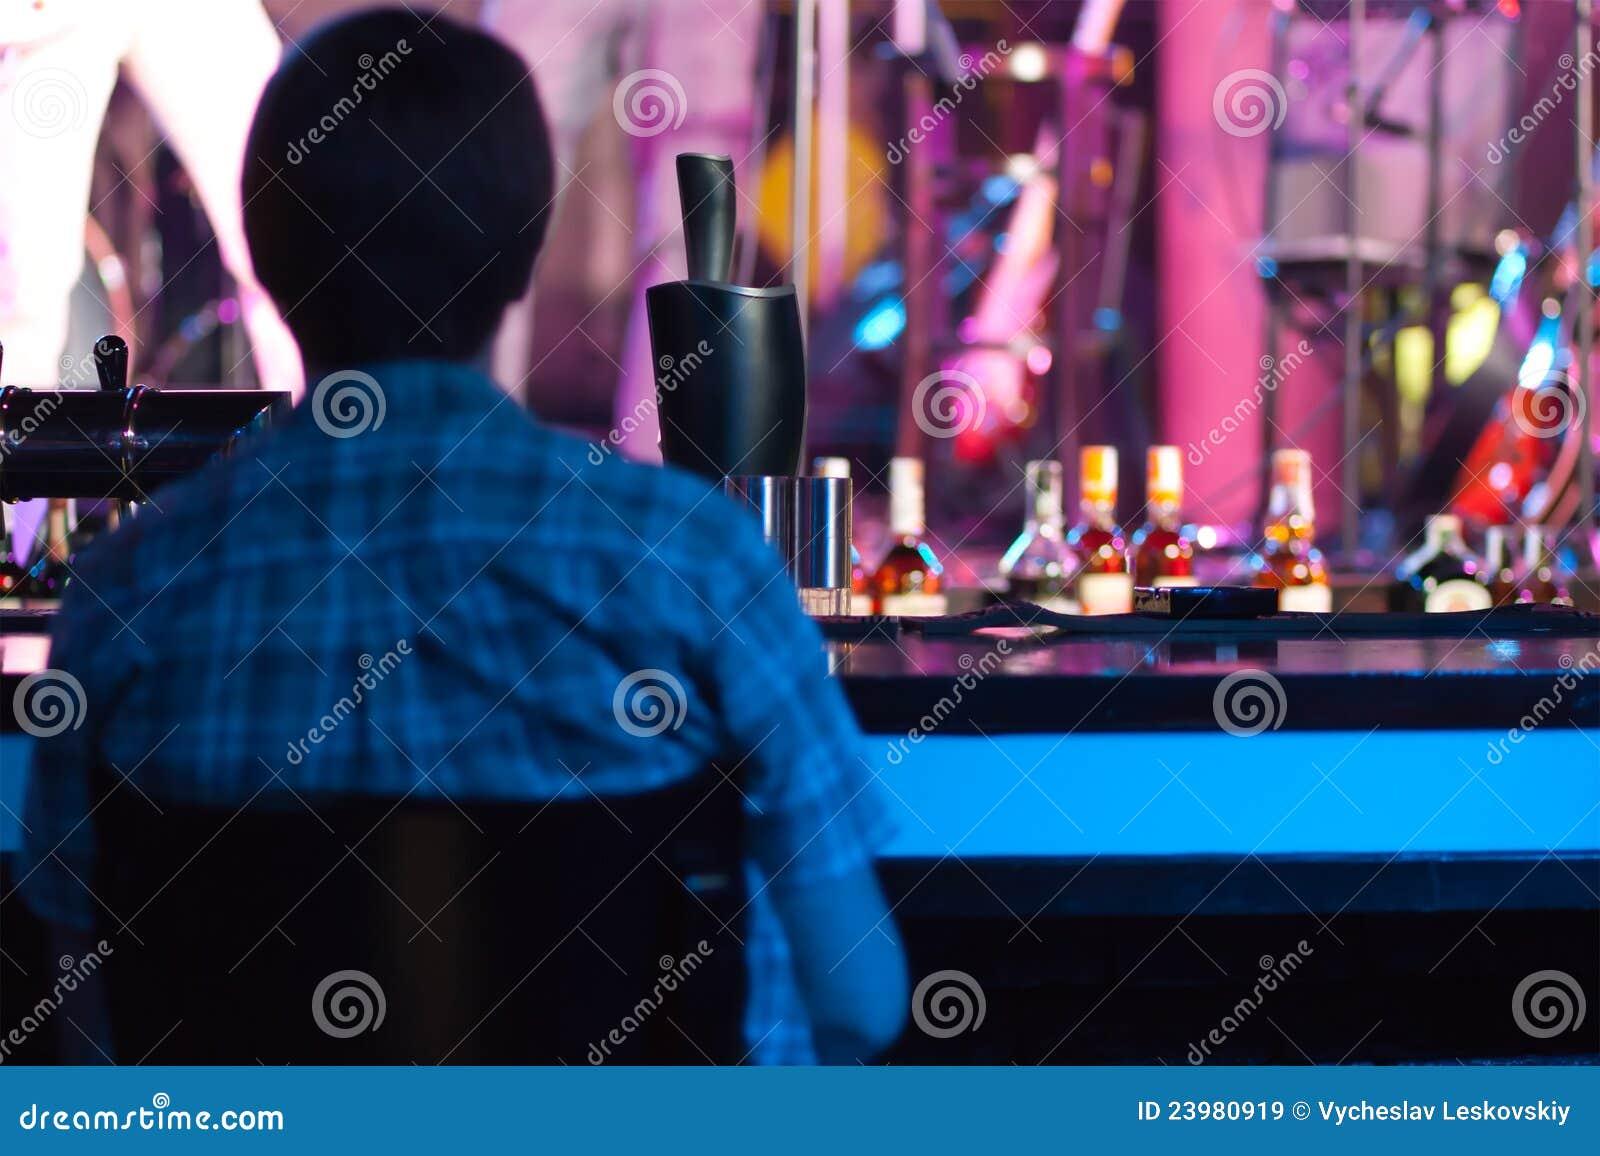 Фото парней у барной стойки 2 фотография